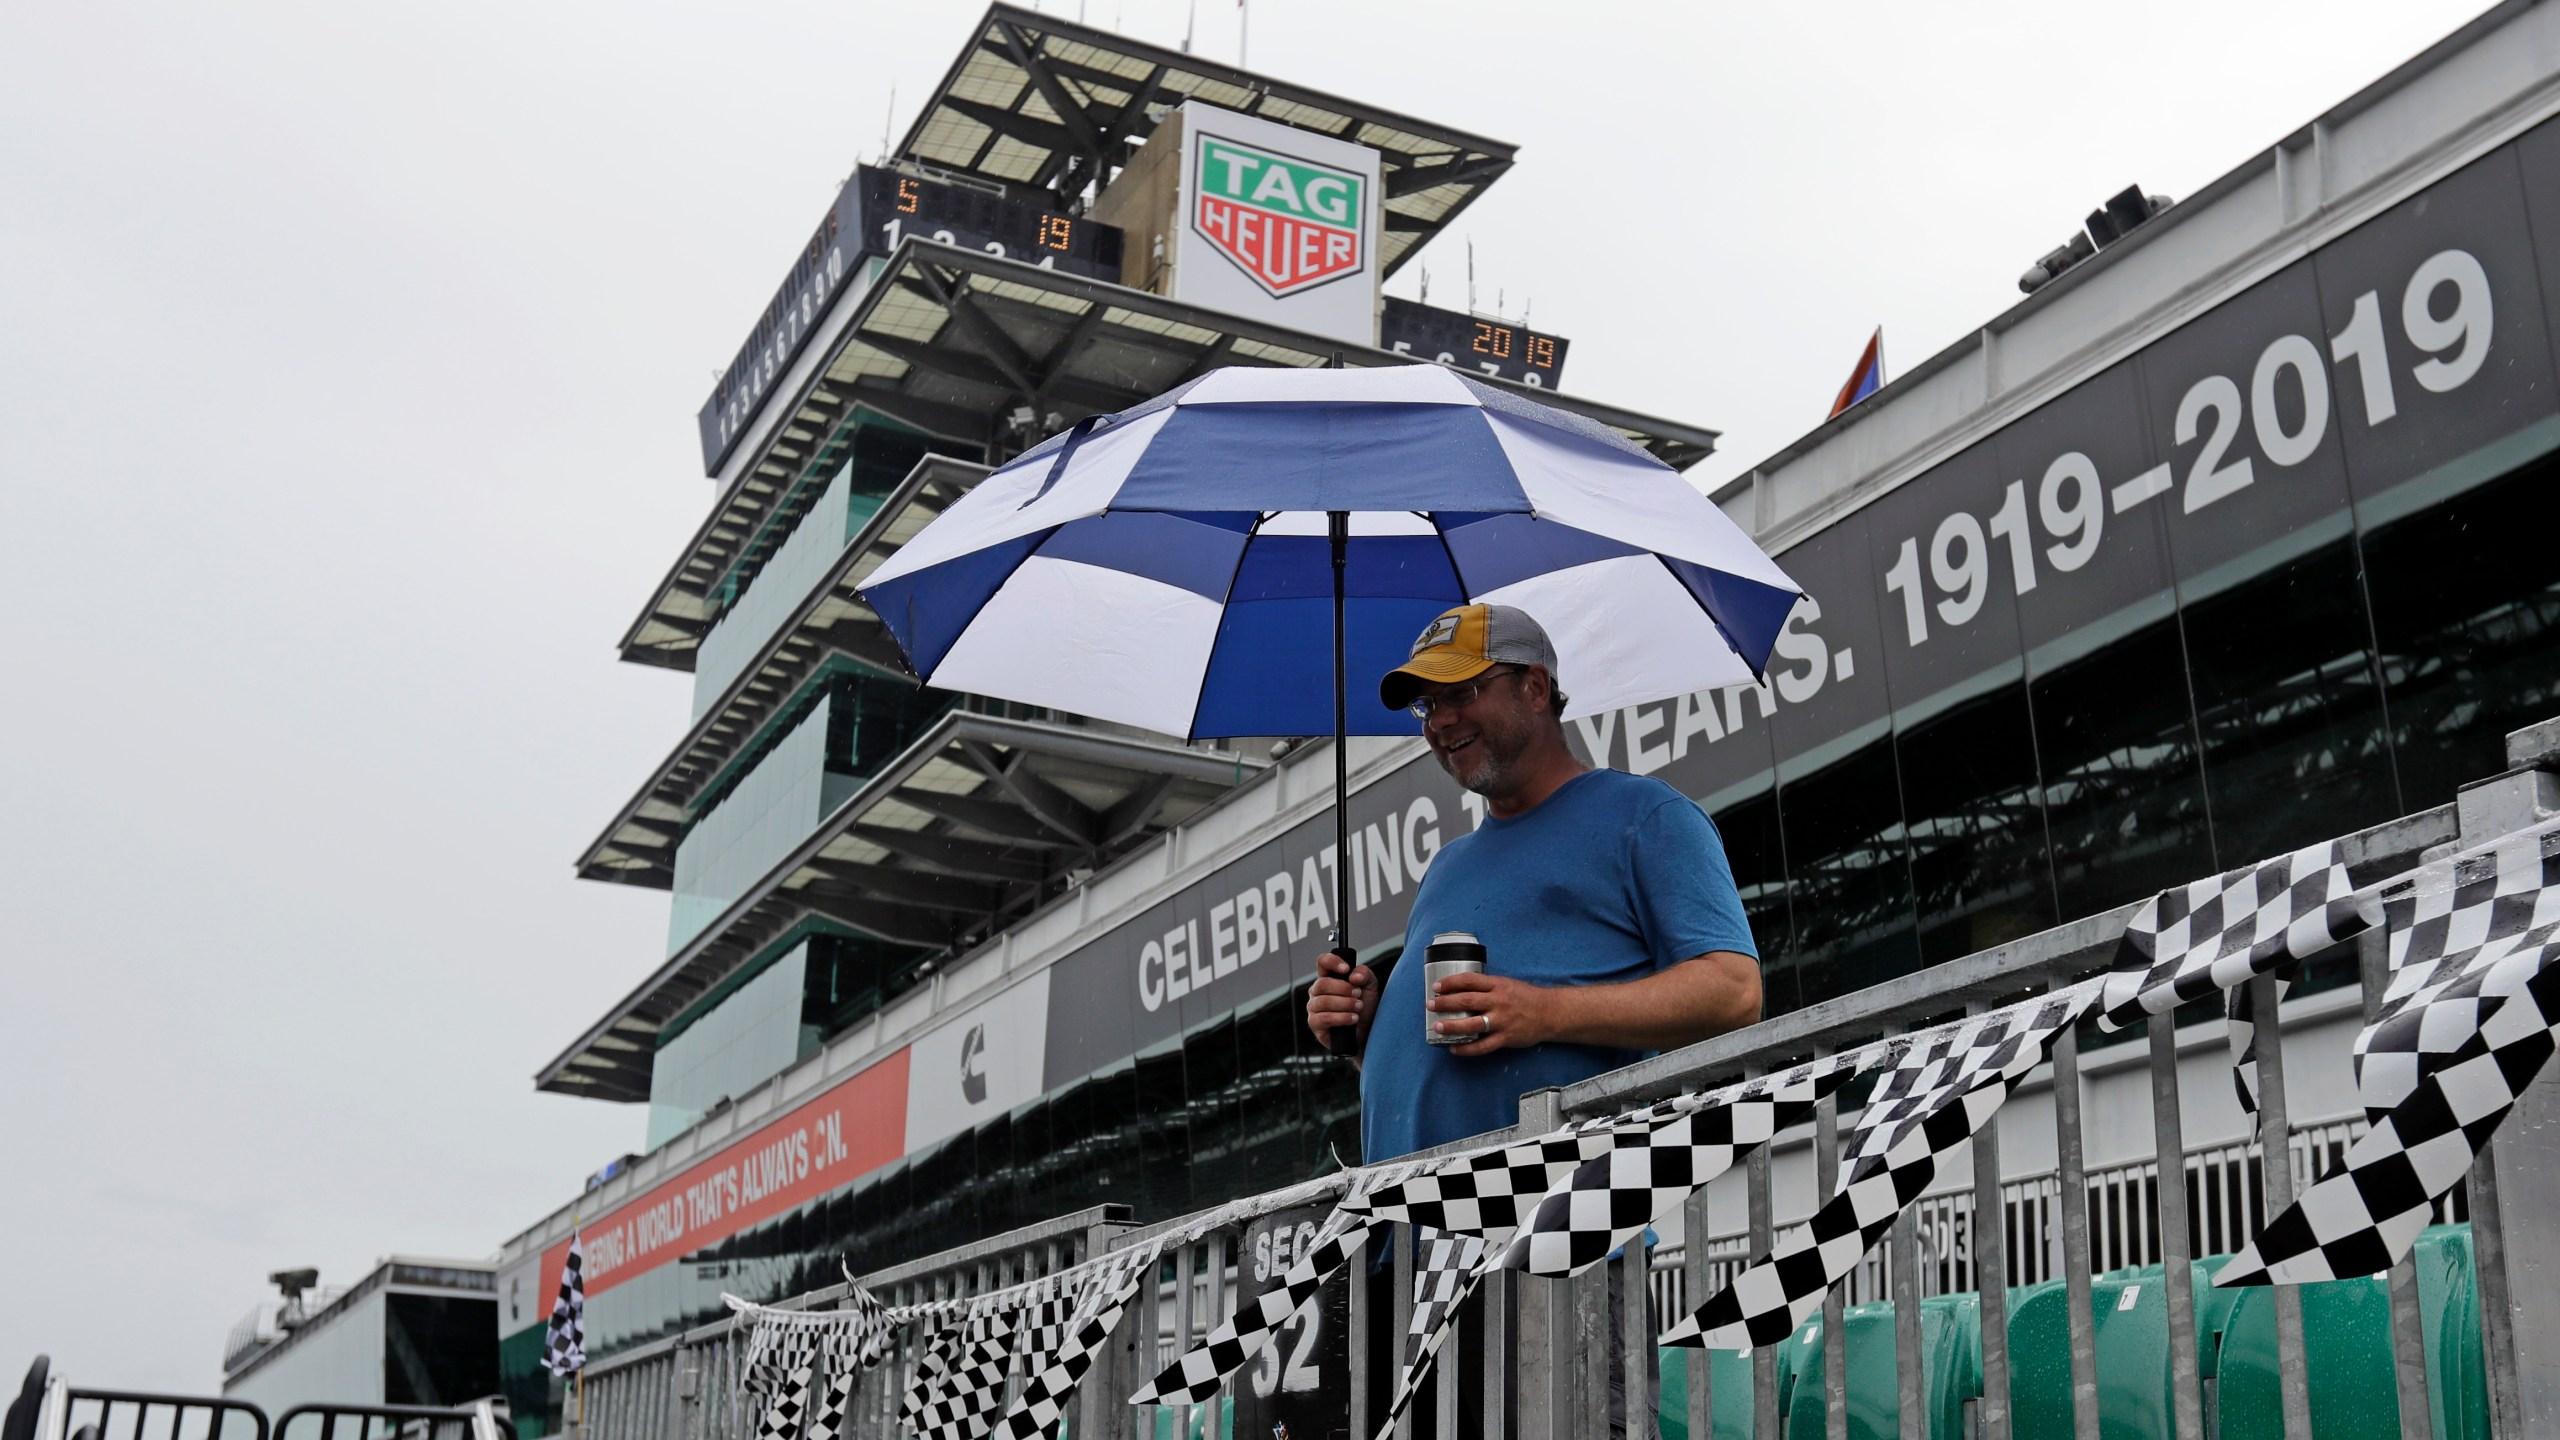 IndyCar Indy 500 Auto Racing_1558647957650